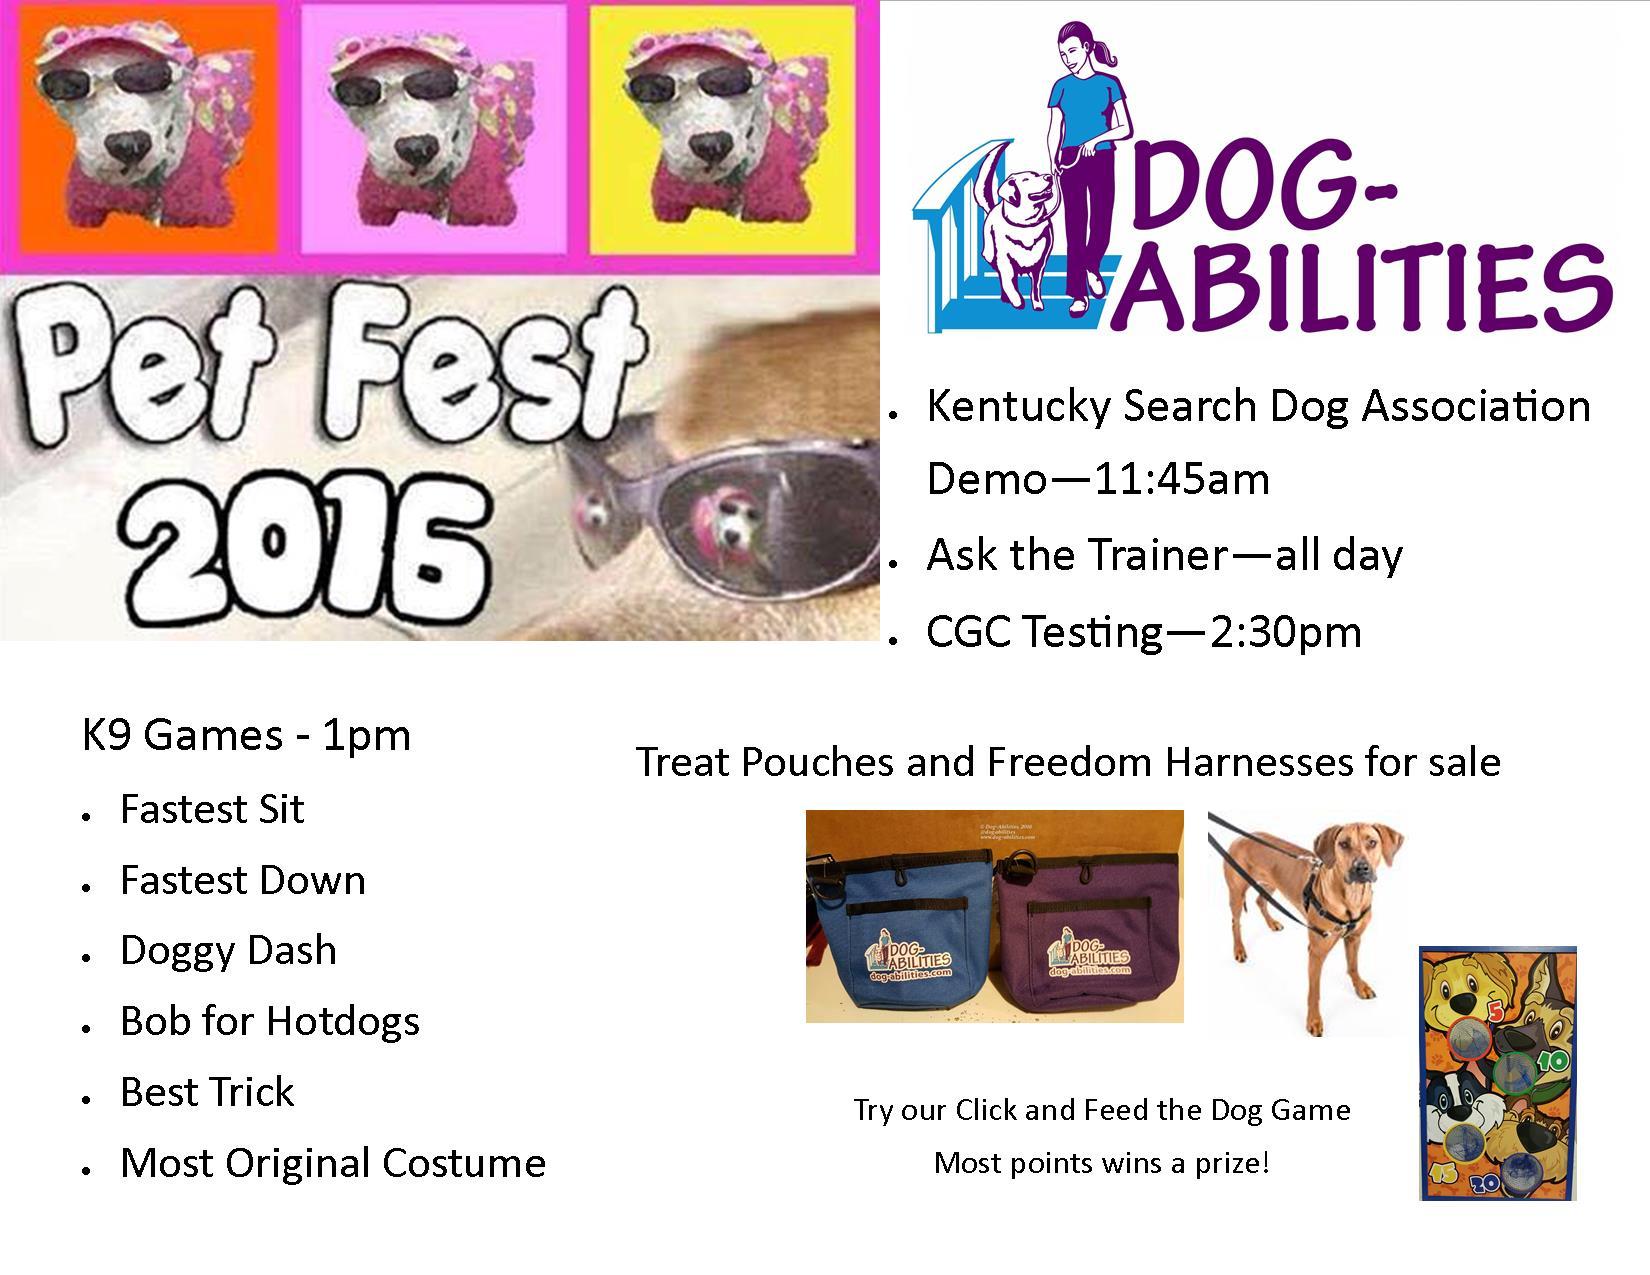 Pet Fest 2016